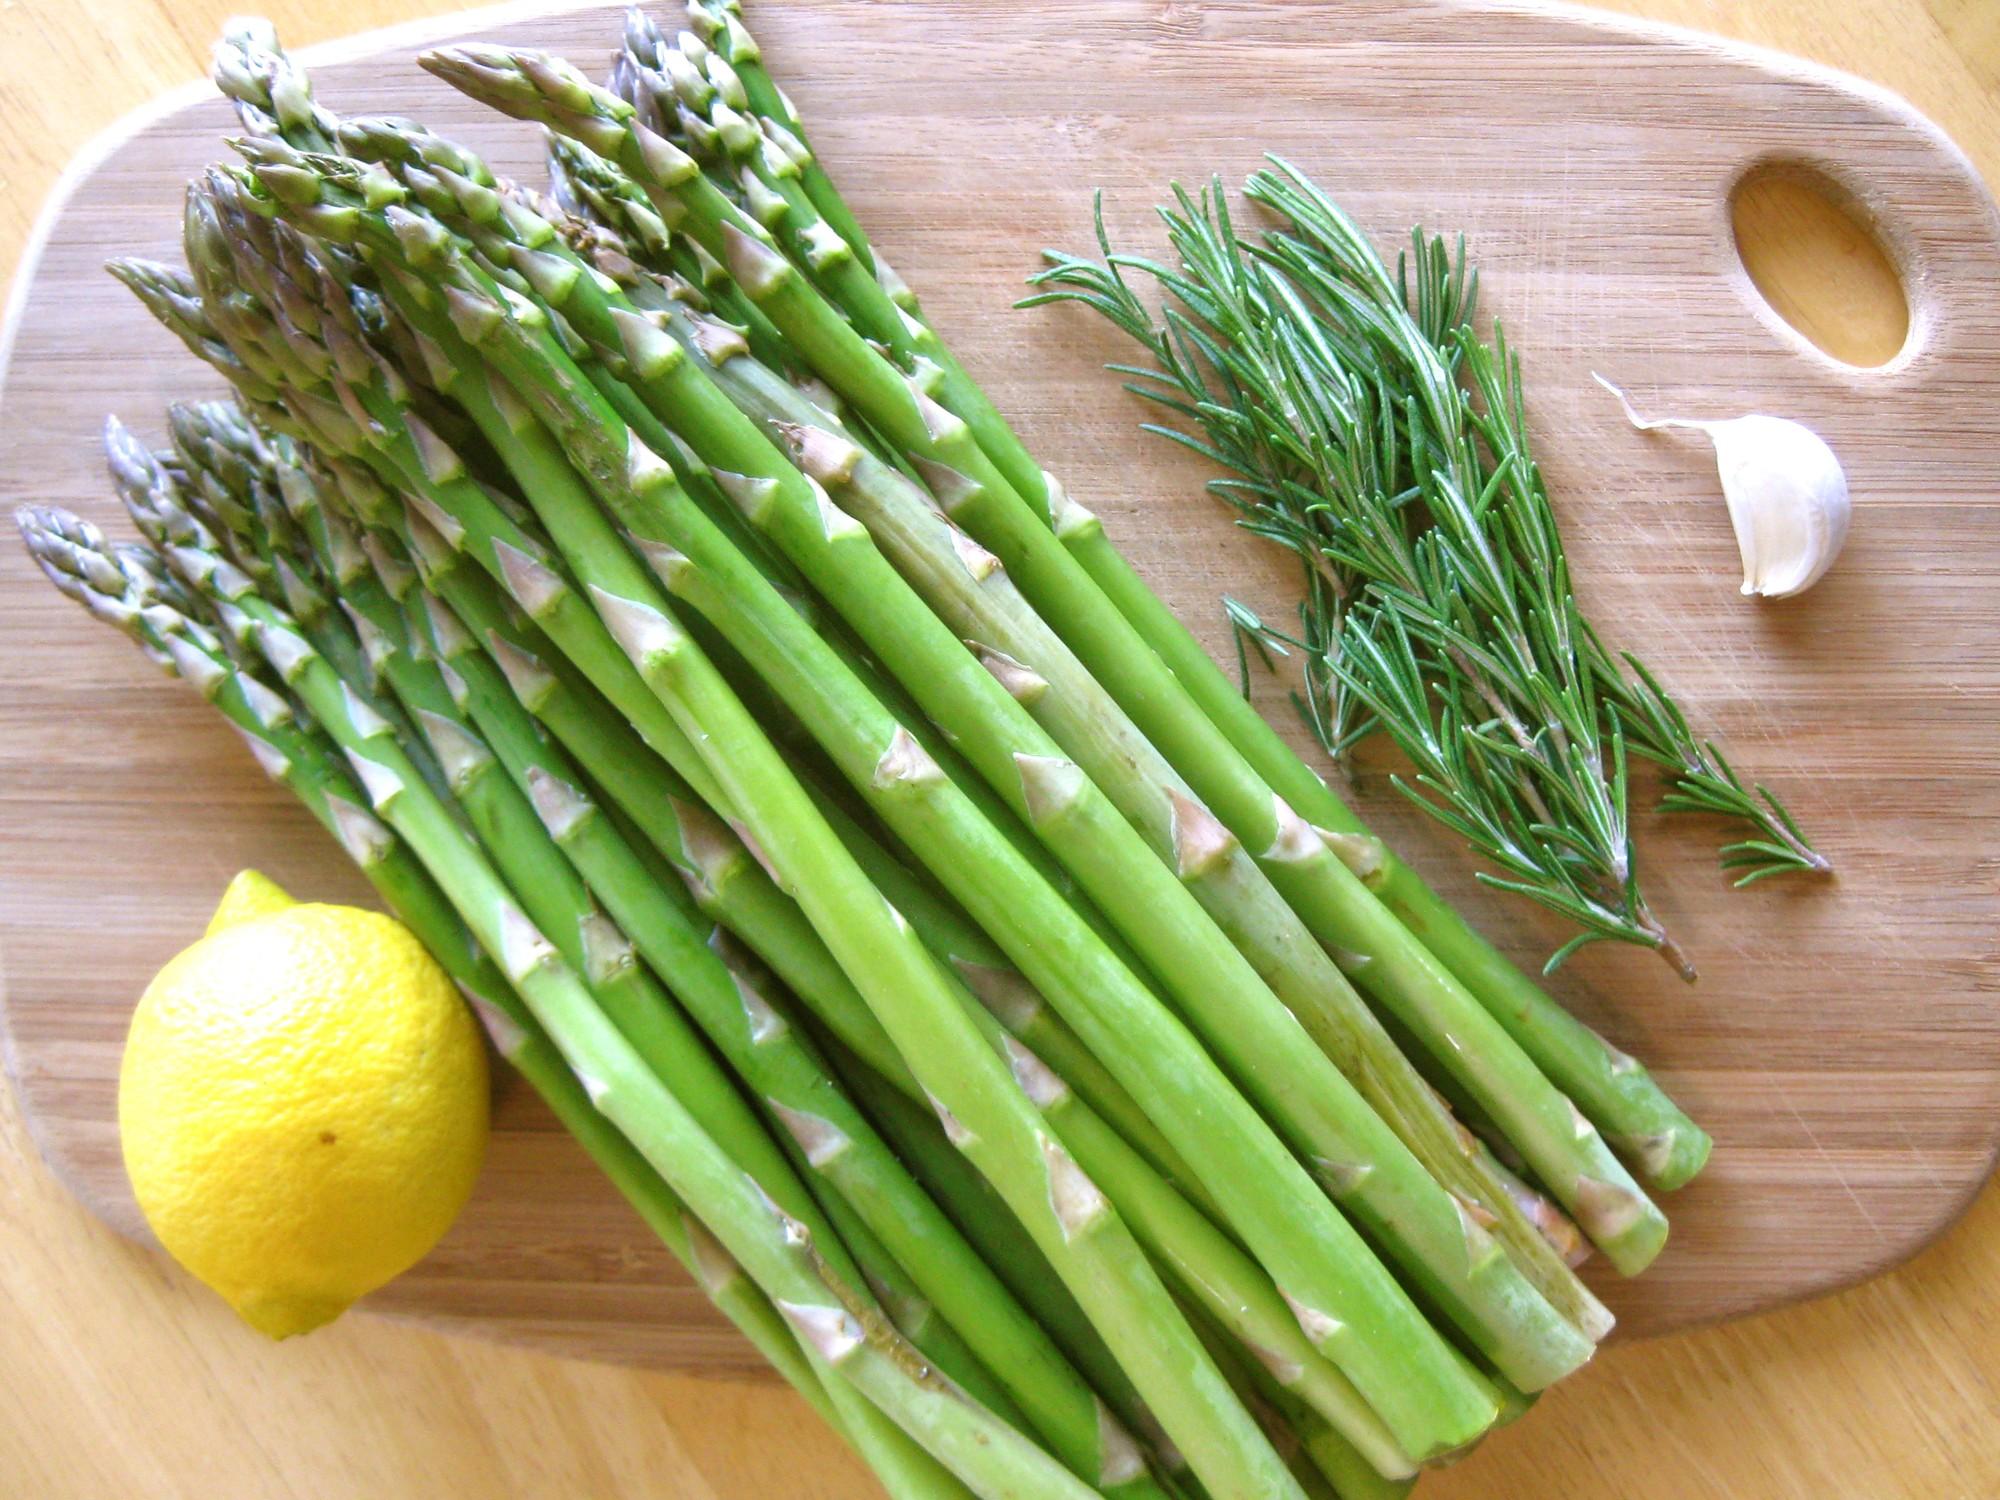 Có những loại rau củ chứa ít calo nhưng mang đến cho bạn nhiều dinh dưỡng tuyệt vời - Ảnh 4.